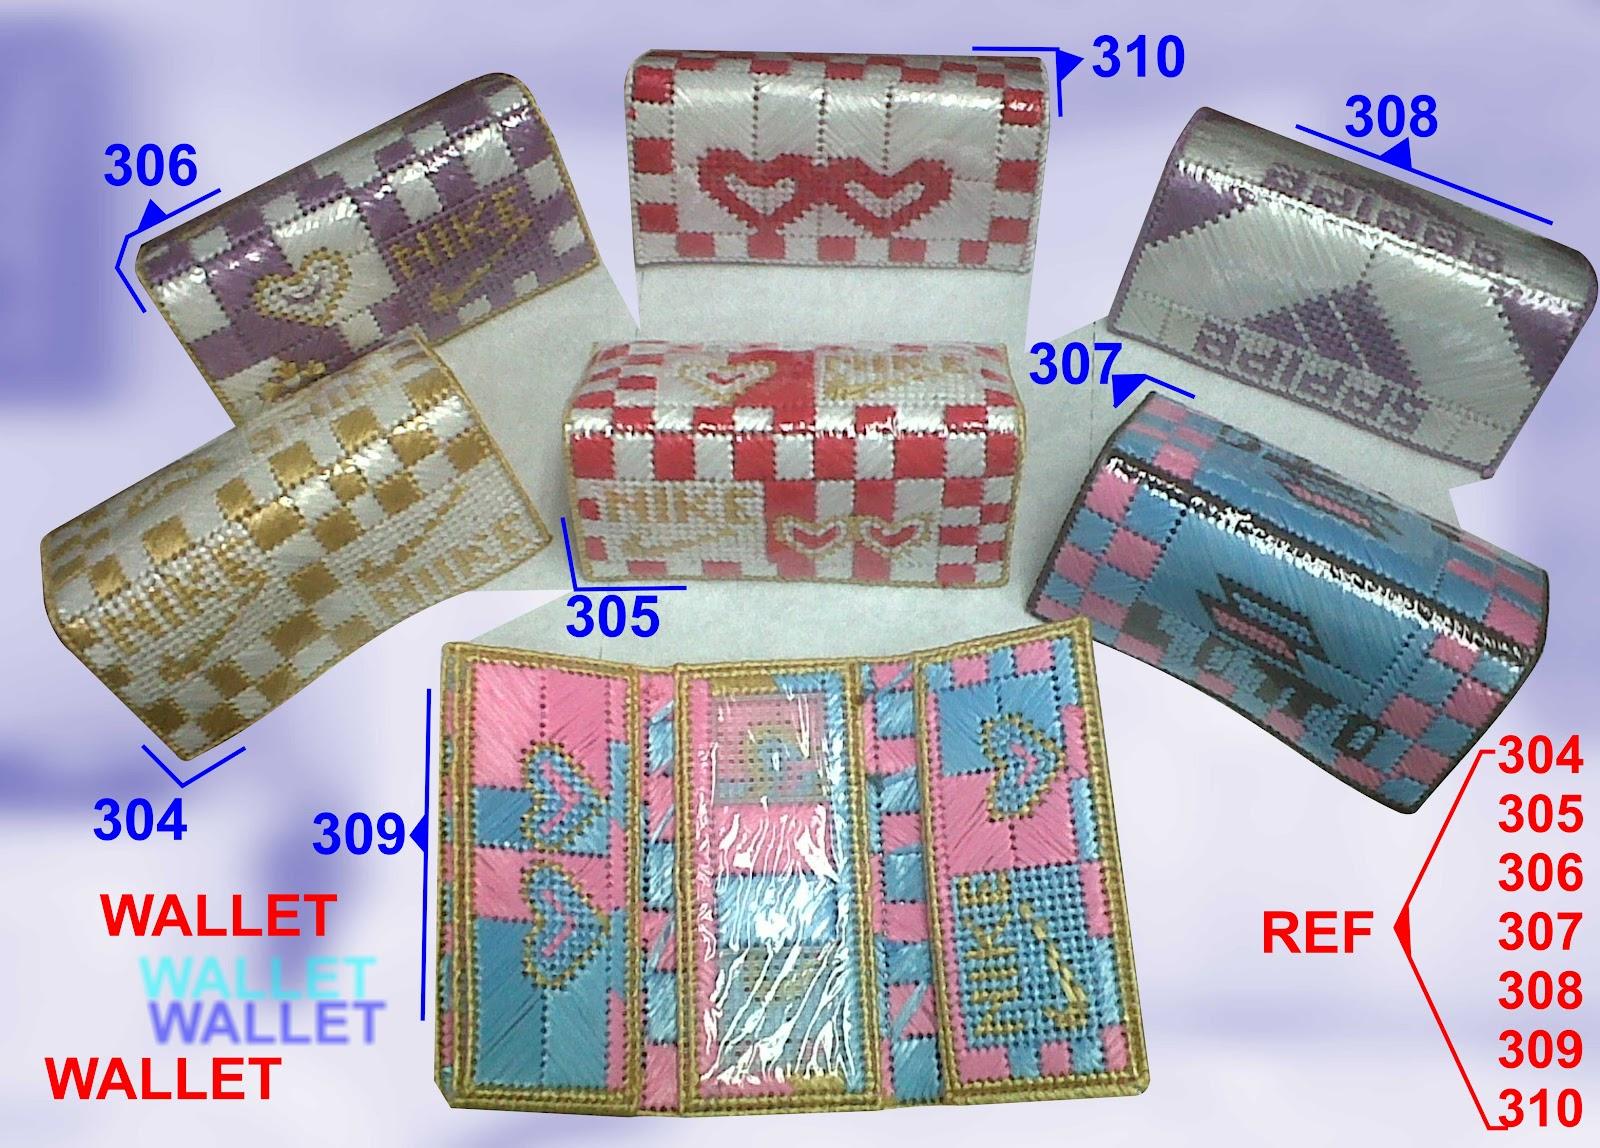 wallet hechas de rafia y camba todos los colores y diseños